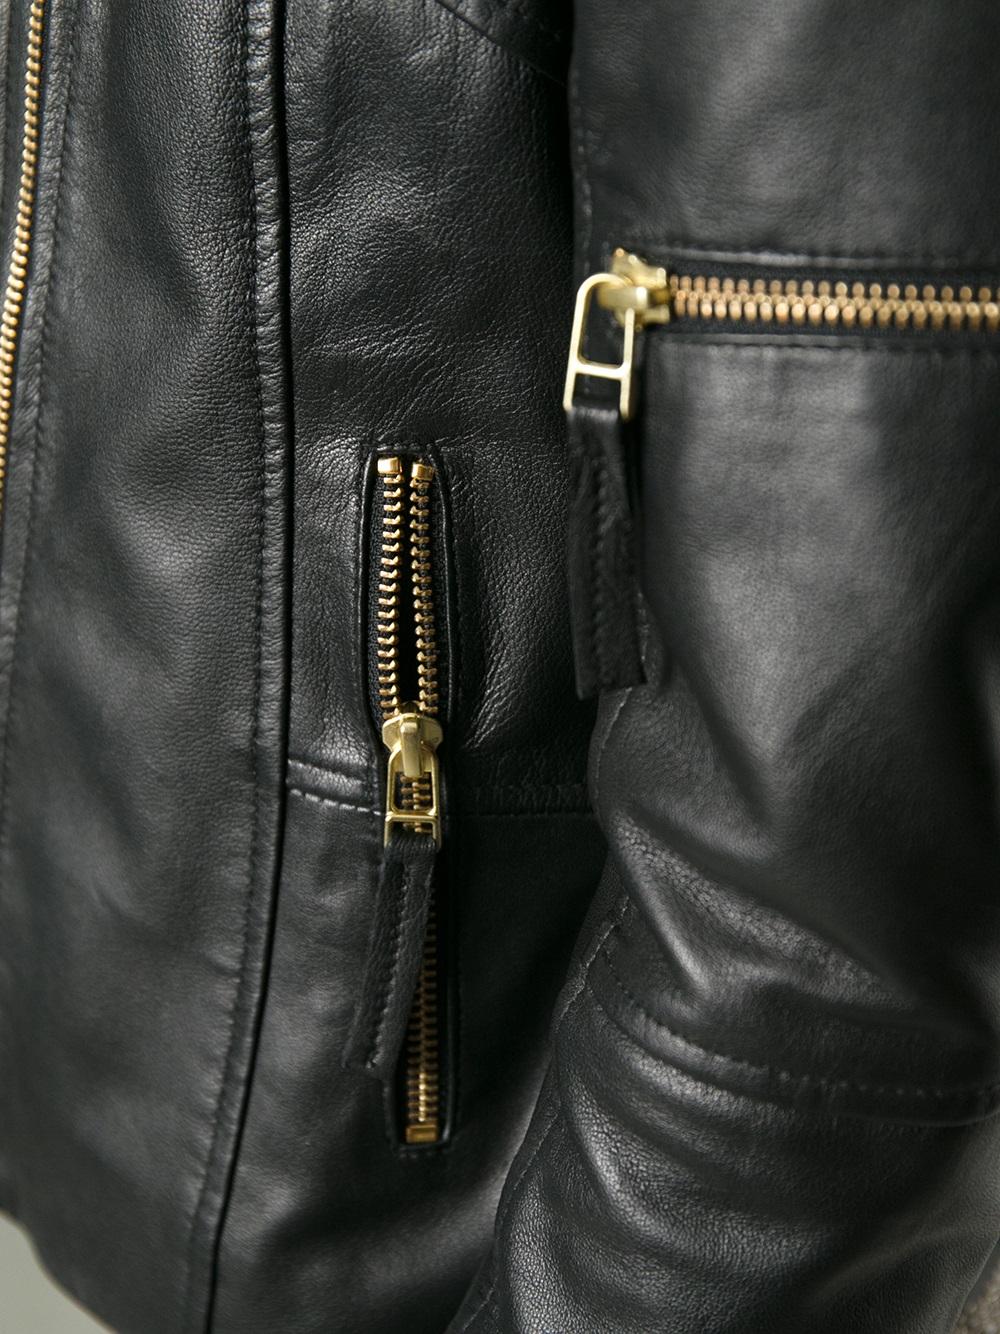 05d2a0681 Day Birger et Mikkelsen Black Nomad Biker Jacket